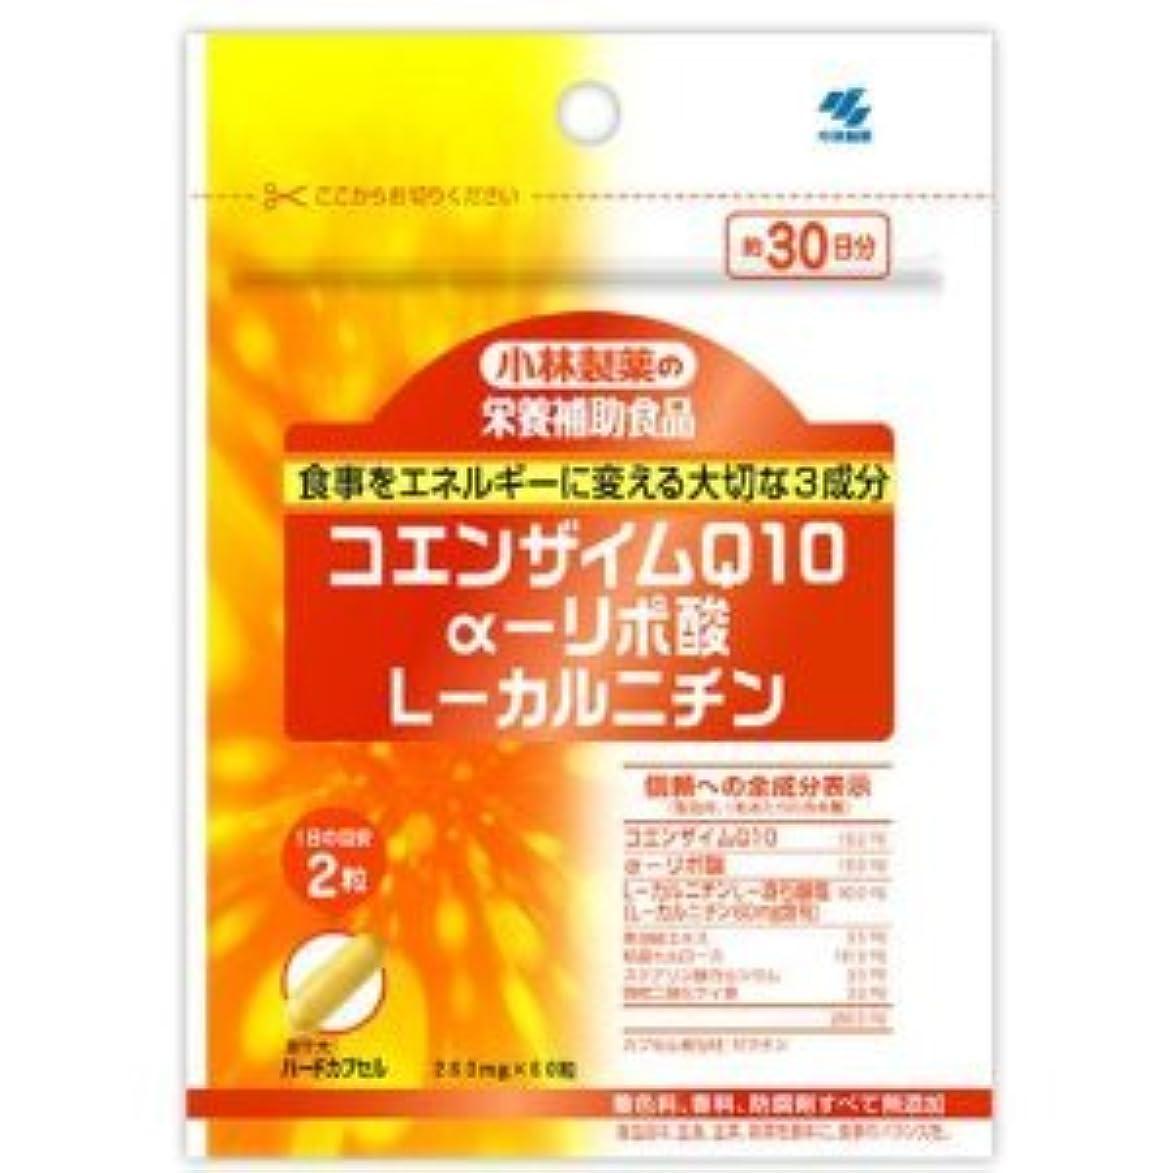 依存するダム別れる小林製薬の栄養補助食品 コエンザイムQ10 αリポ酸 L-カルニチン 60粒 3個セット